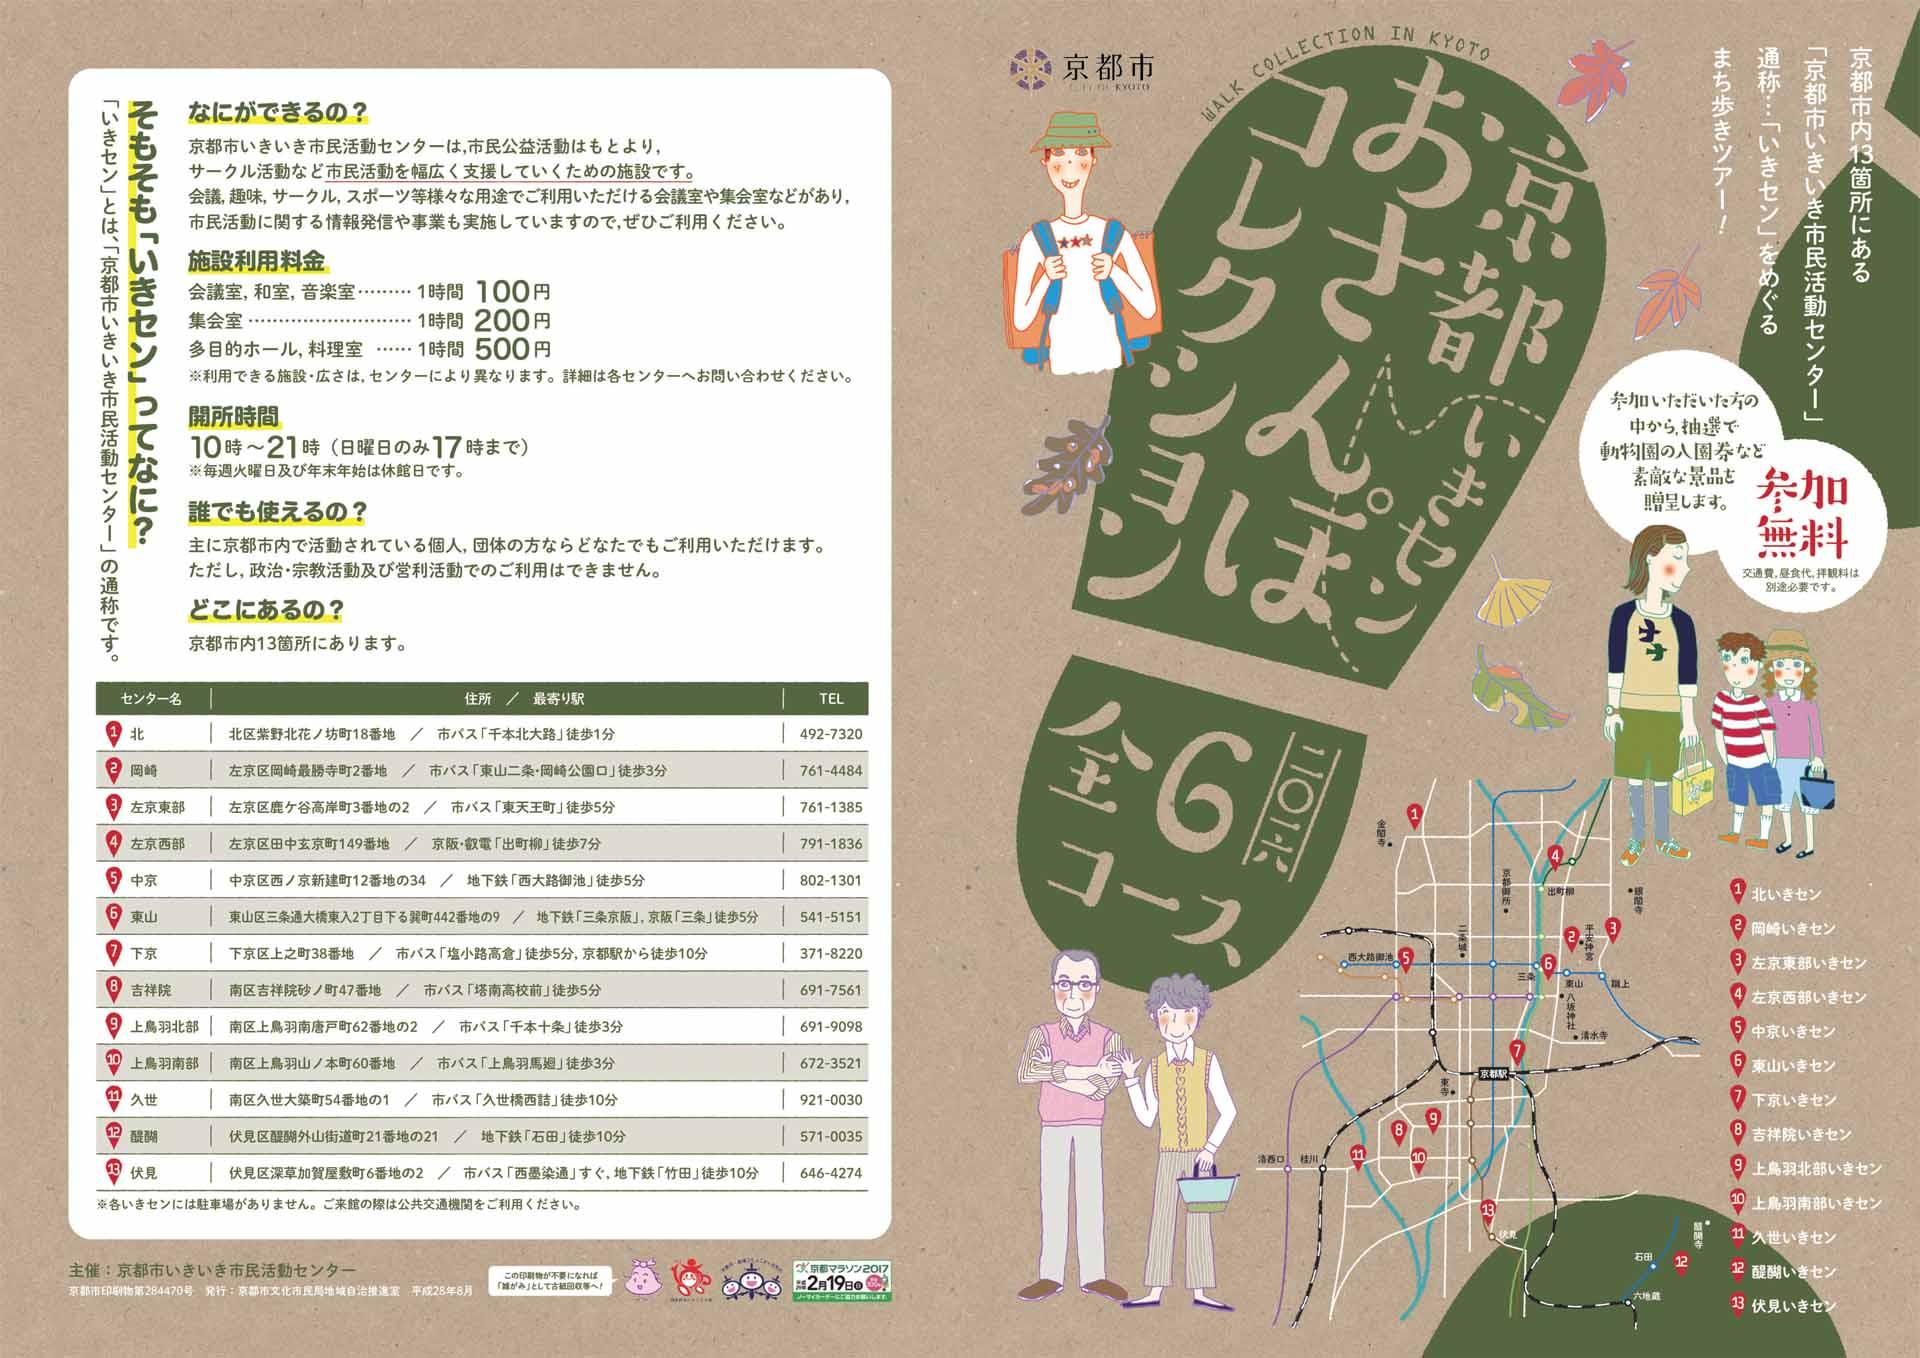 お散歩コレクション チラシ 表